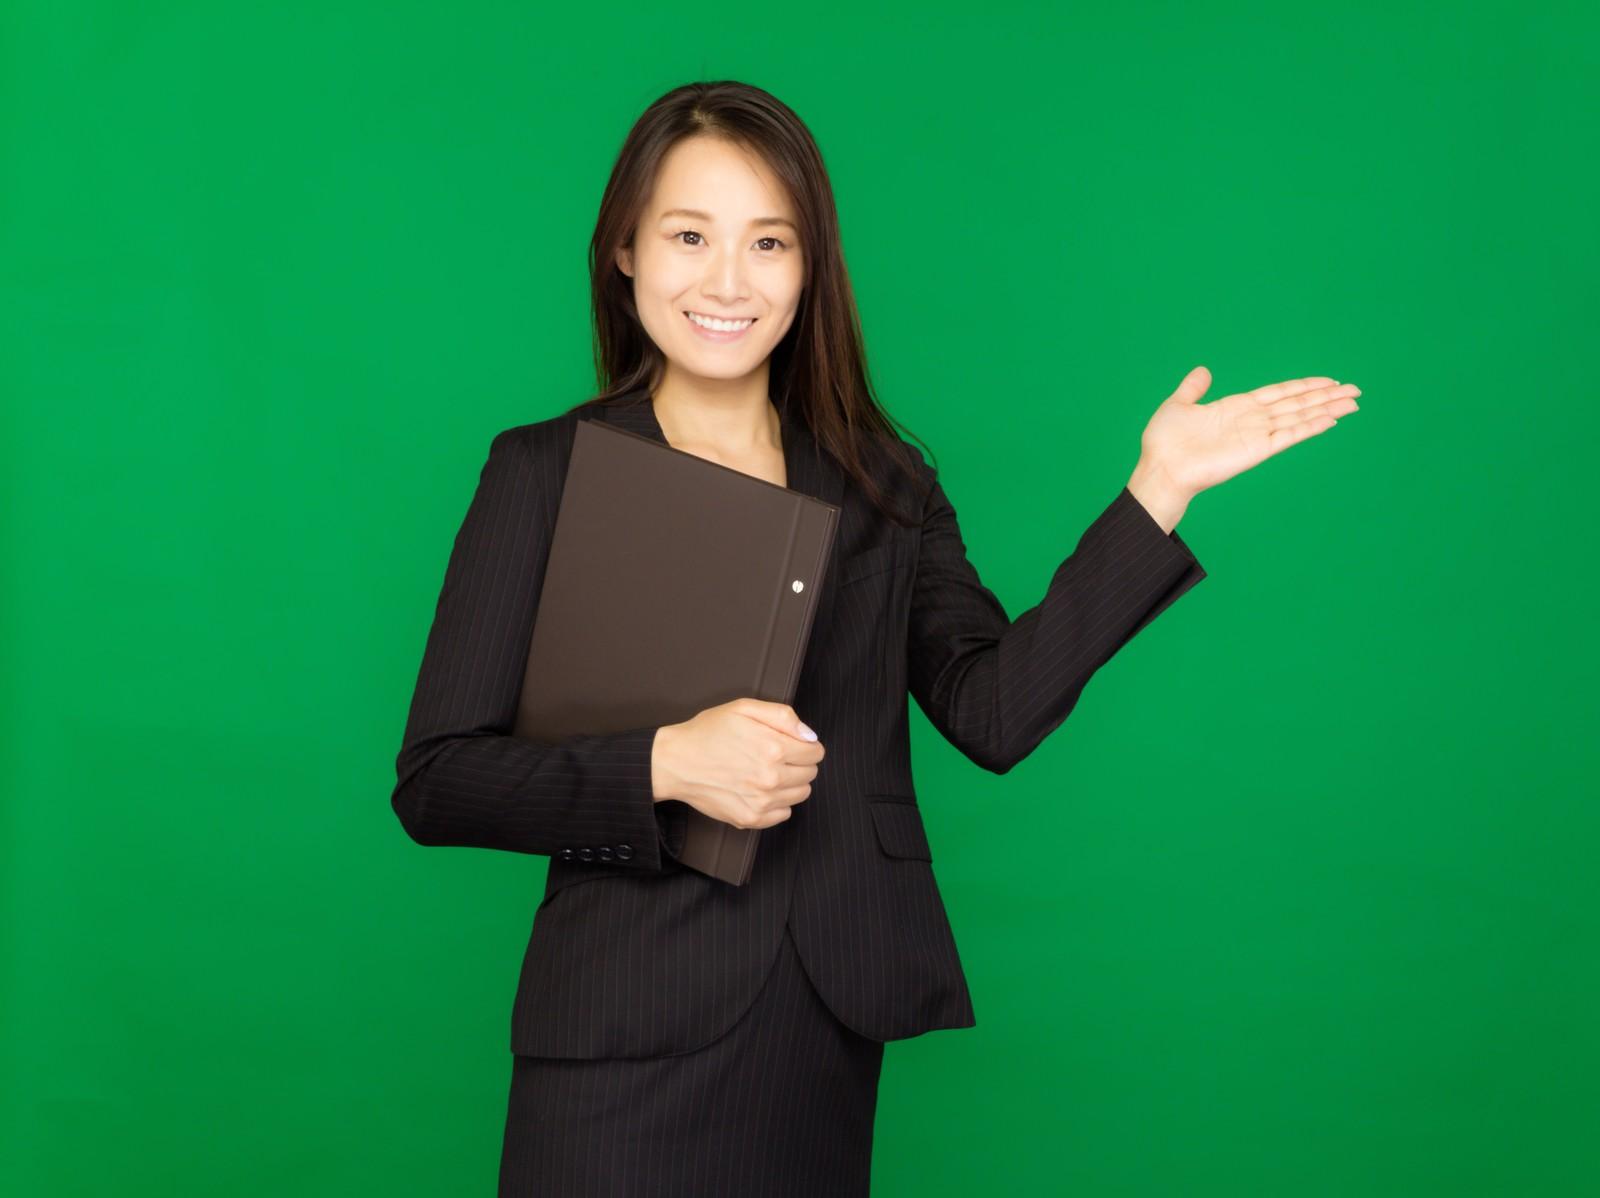 資料をもって案内するスーツ姿の女性(グリーンバック)のフリー画像(写真) モデル:土本寛子